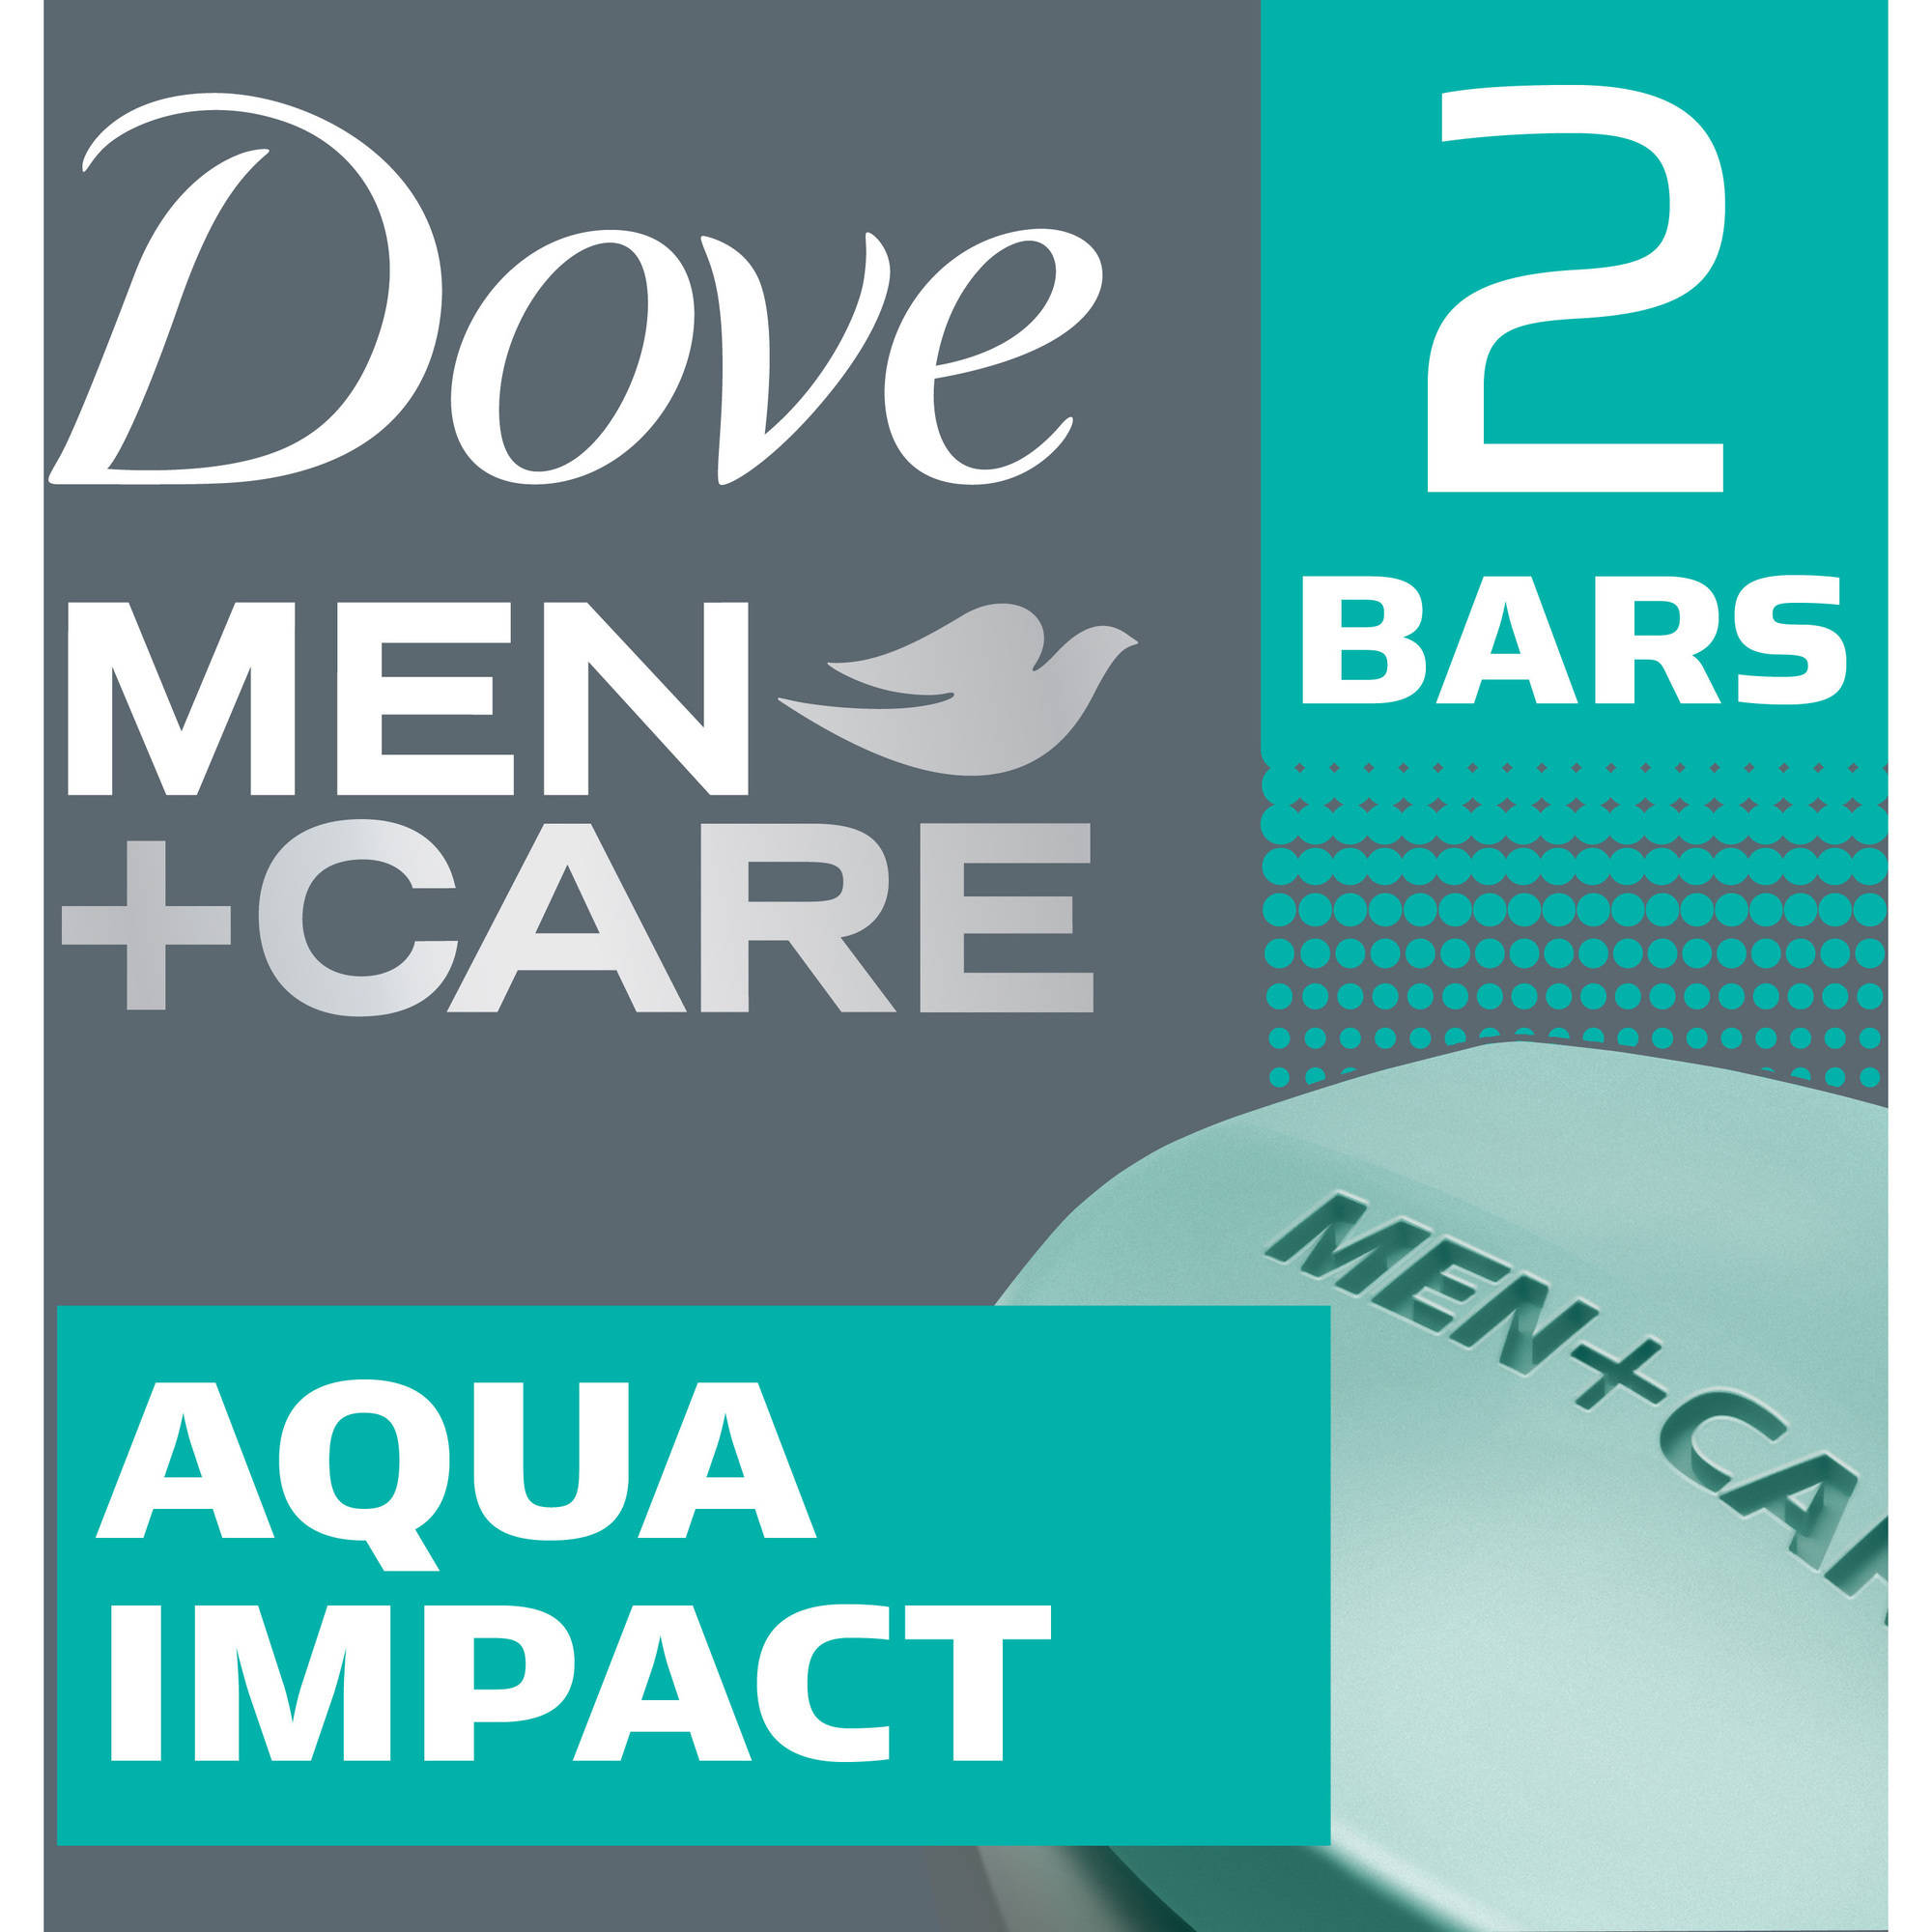 Dove Men + Care Body & Face Bar, Aqua Impact, 4 oz bars, 2 ea